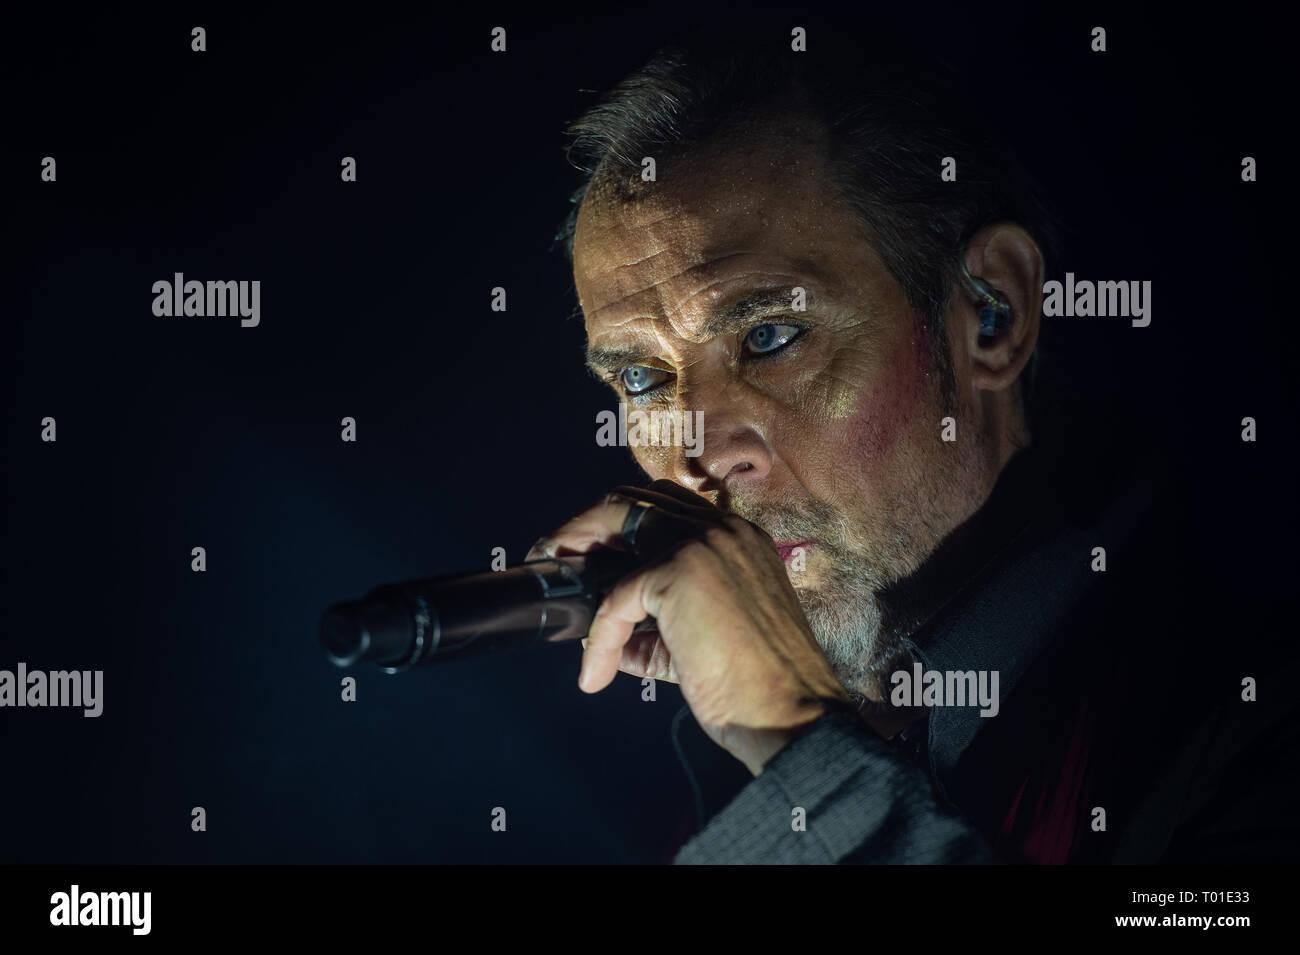 Peter Murphy, cantante y líder de los 80's en inglés banda de rock oscuro Bauhaus. en concierto en el Club Orion, Ciampino, Roma, Italia, 21-11-2018, Foto de stock